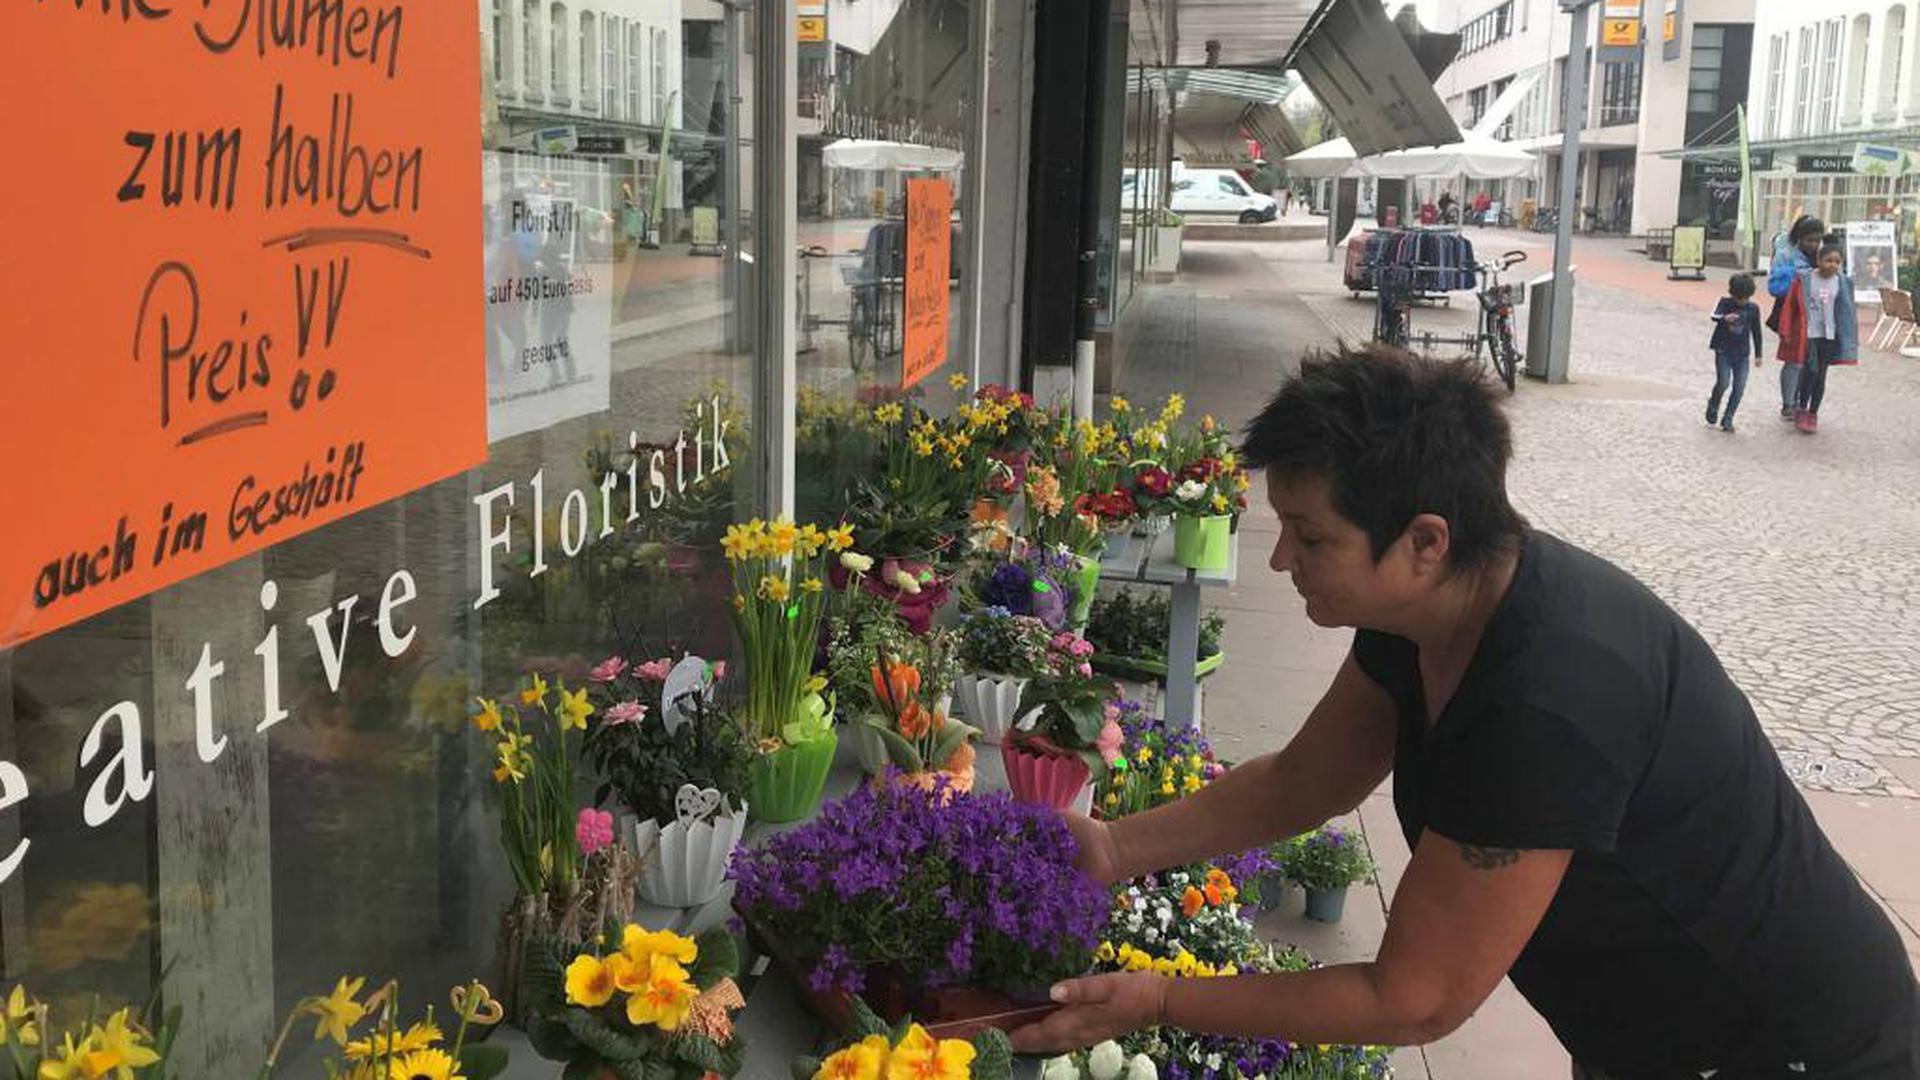 Blumengeschäft City Florist Gaggenau verkauft am 17.03.2020 alle Blumen zum halben Preis. Ähnlich wie andere Geschäfte muss er vorübergehend schließen: Bund und Länder haben angesichts der Ausbreitung des Coronavirus Covid-19 gemeinsame Leitlinien beschlossen und am 16.03.2020 bekanntgegeben. Diese erlauben nur wenigen Geschäften den Betrieb.